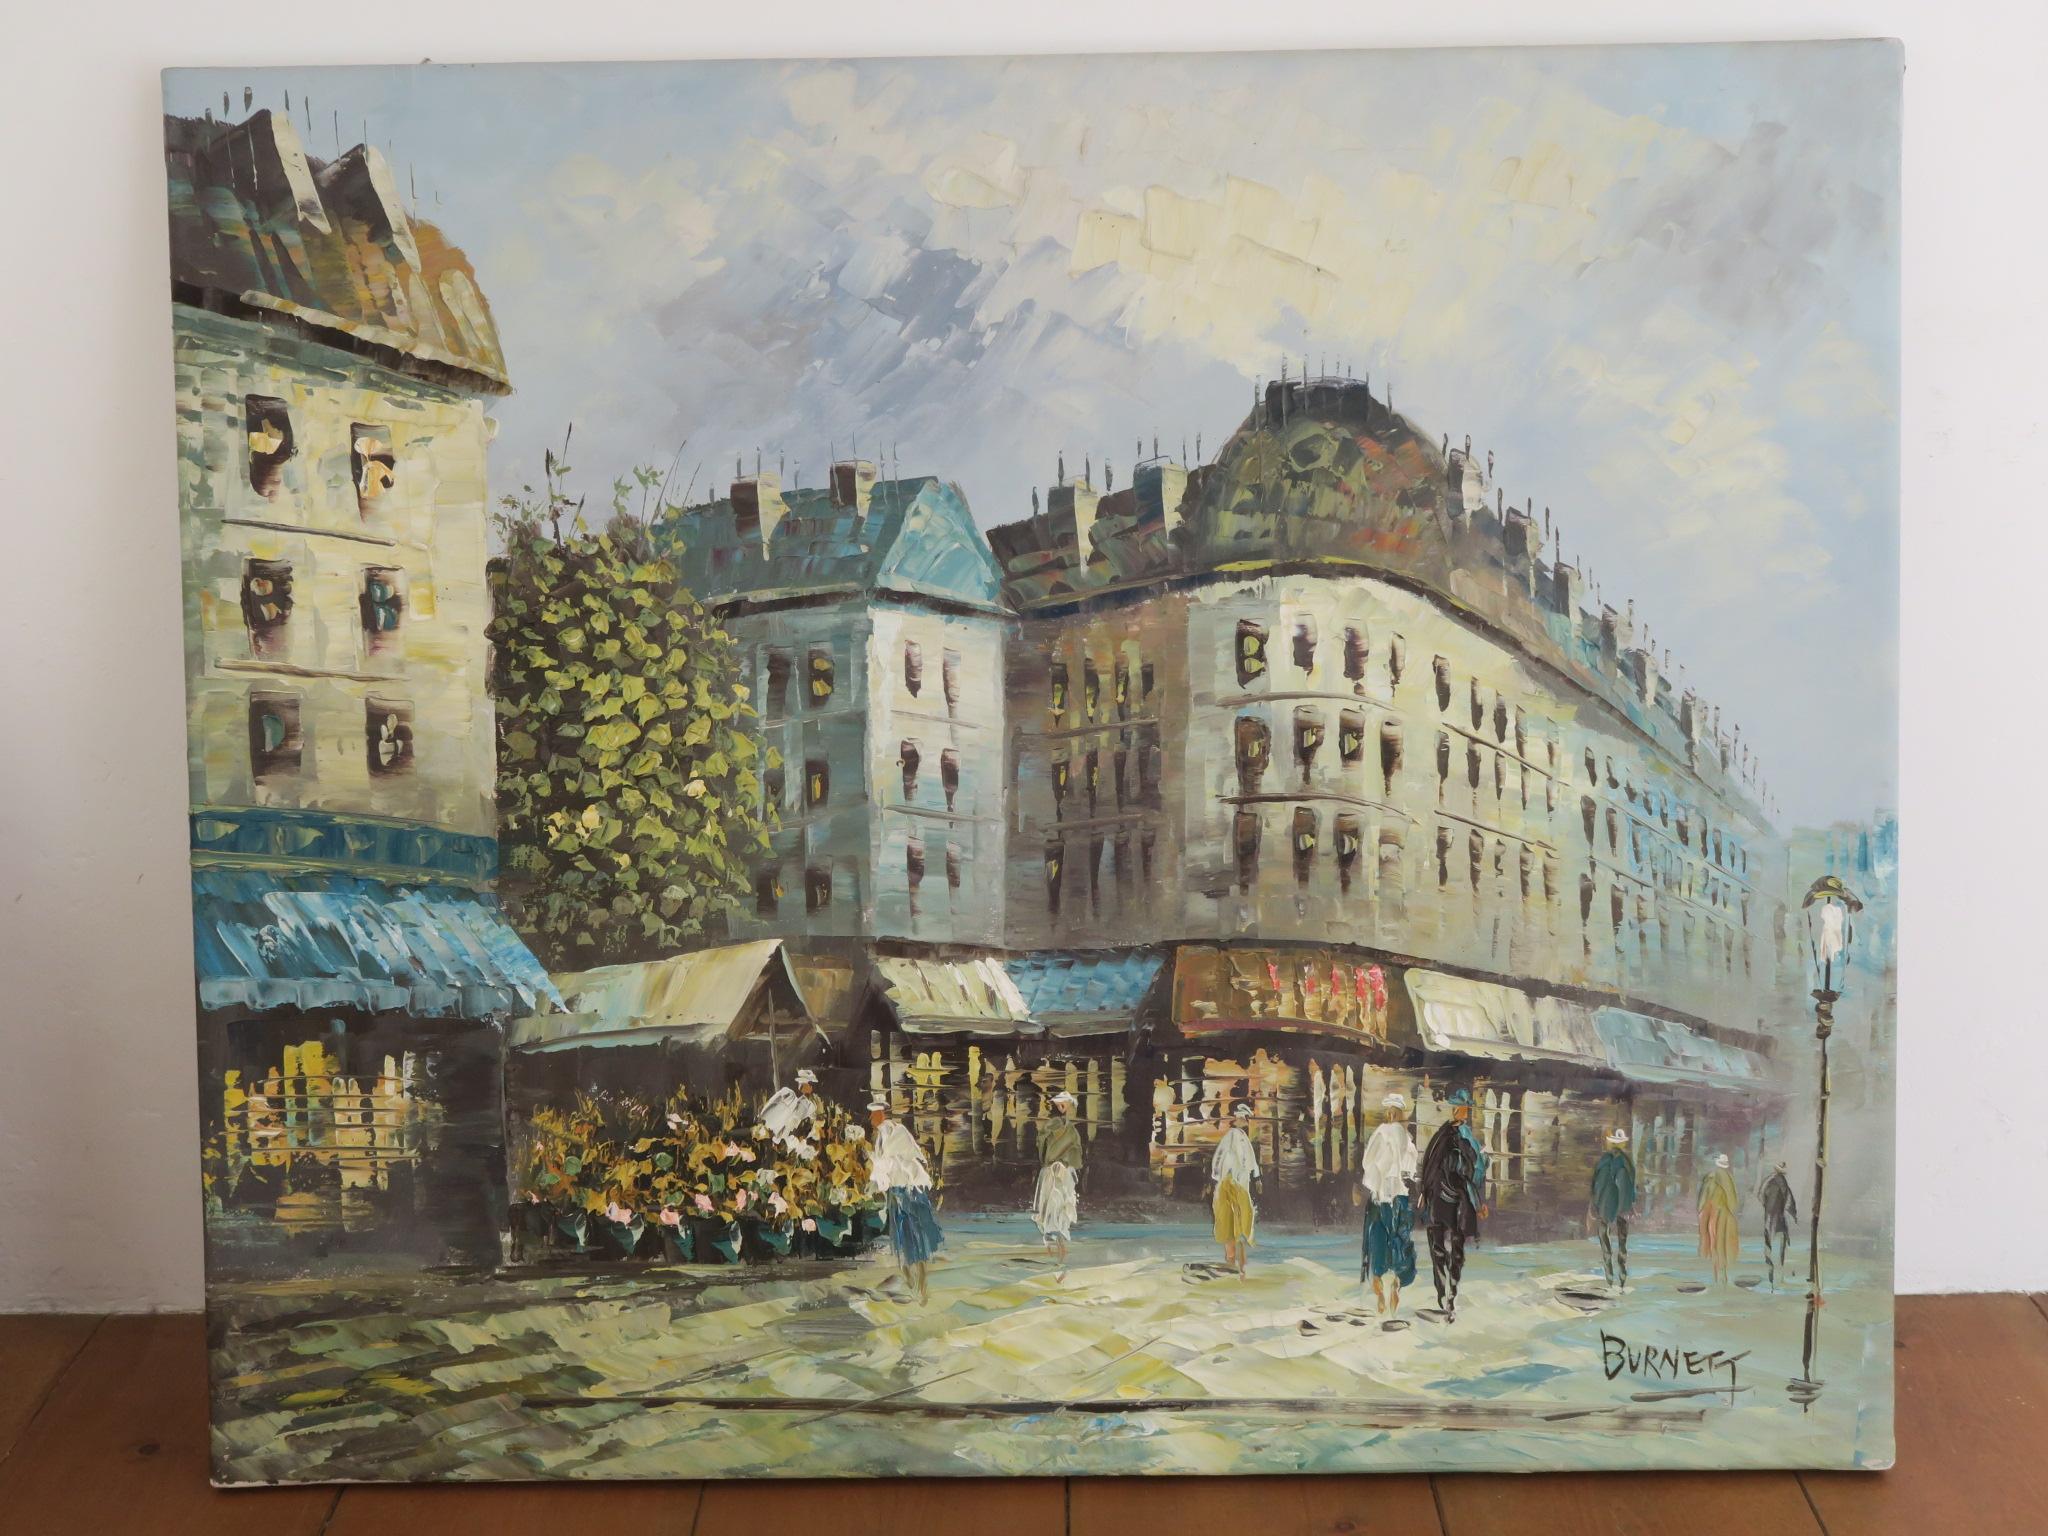 BURNETT パリの風景 花屋 油絵 油彩画